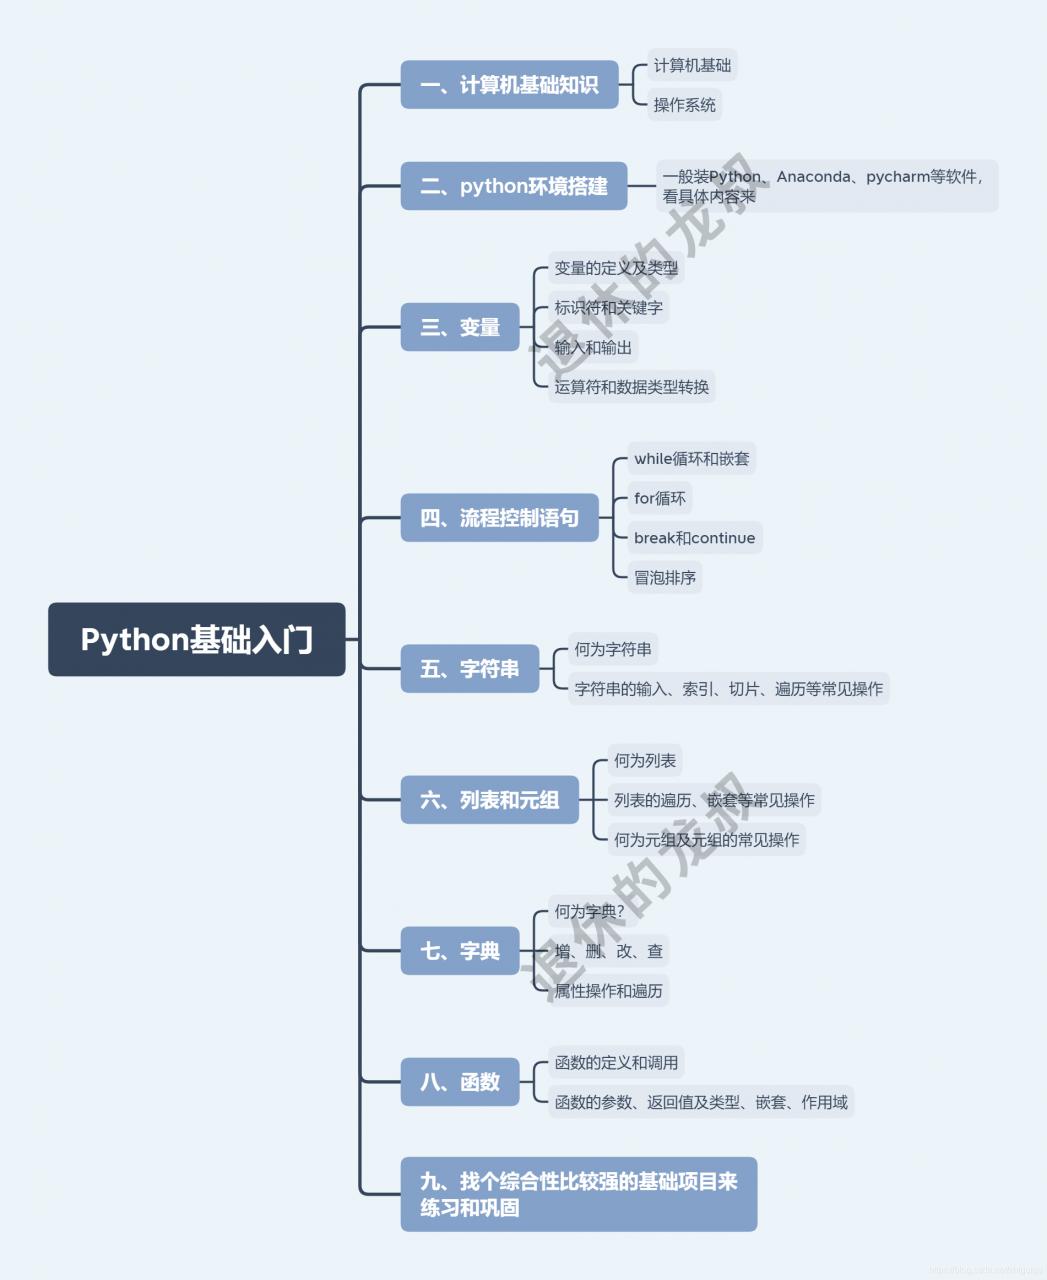 Python所有方向的学习路线,你们要的知识体系在这,千万别做了无用功!